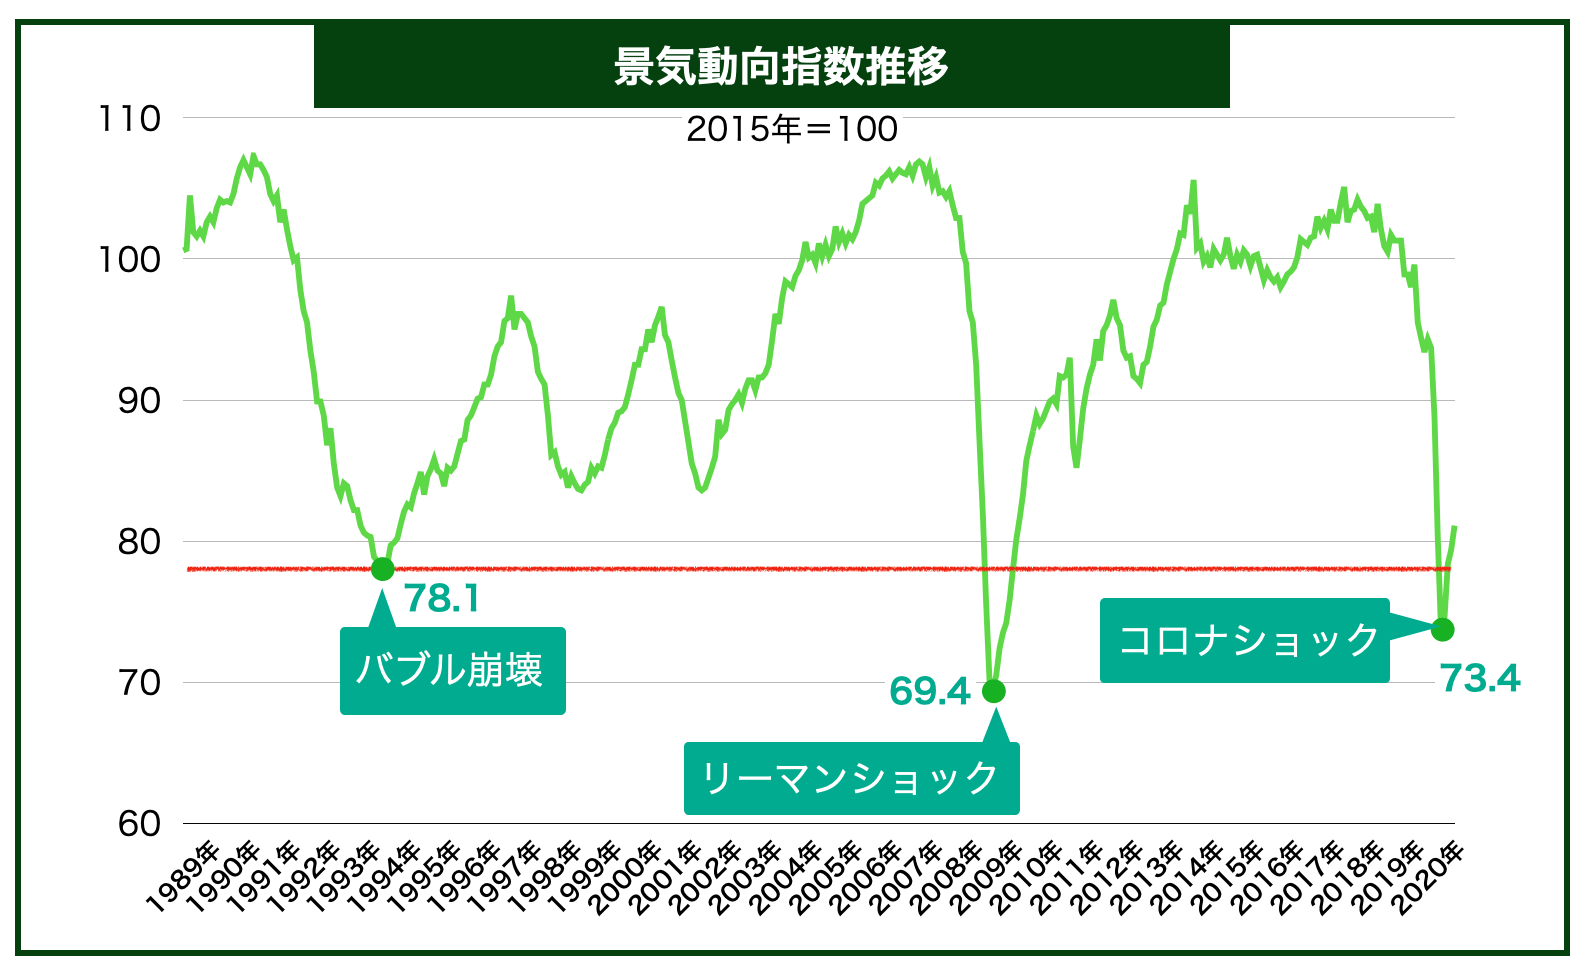 景気動向指数推移